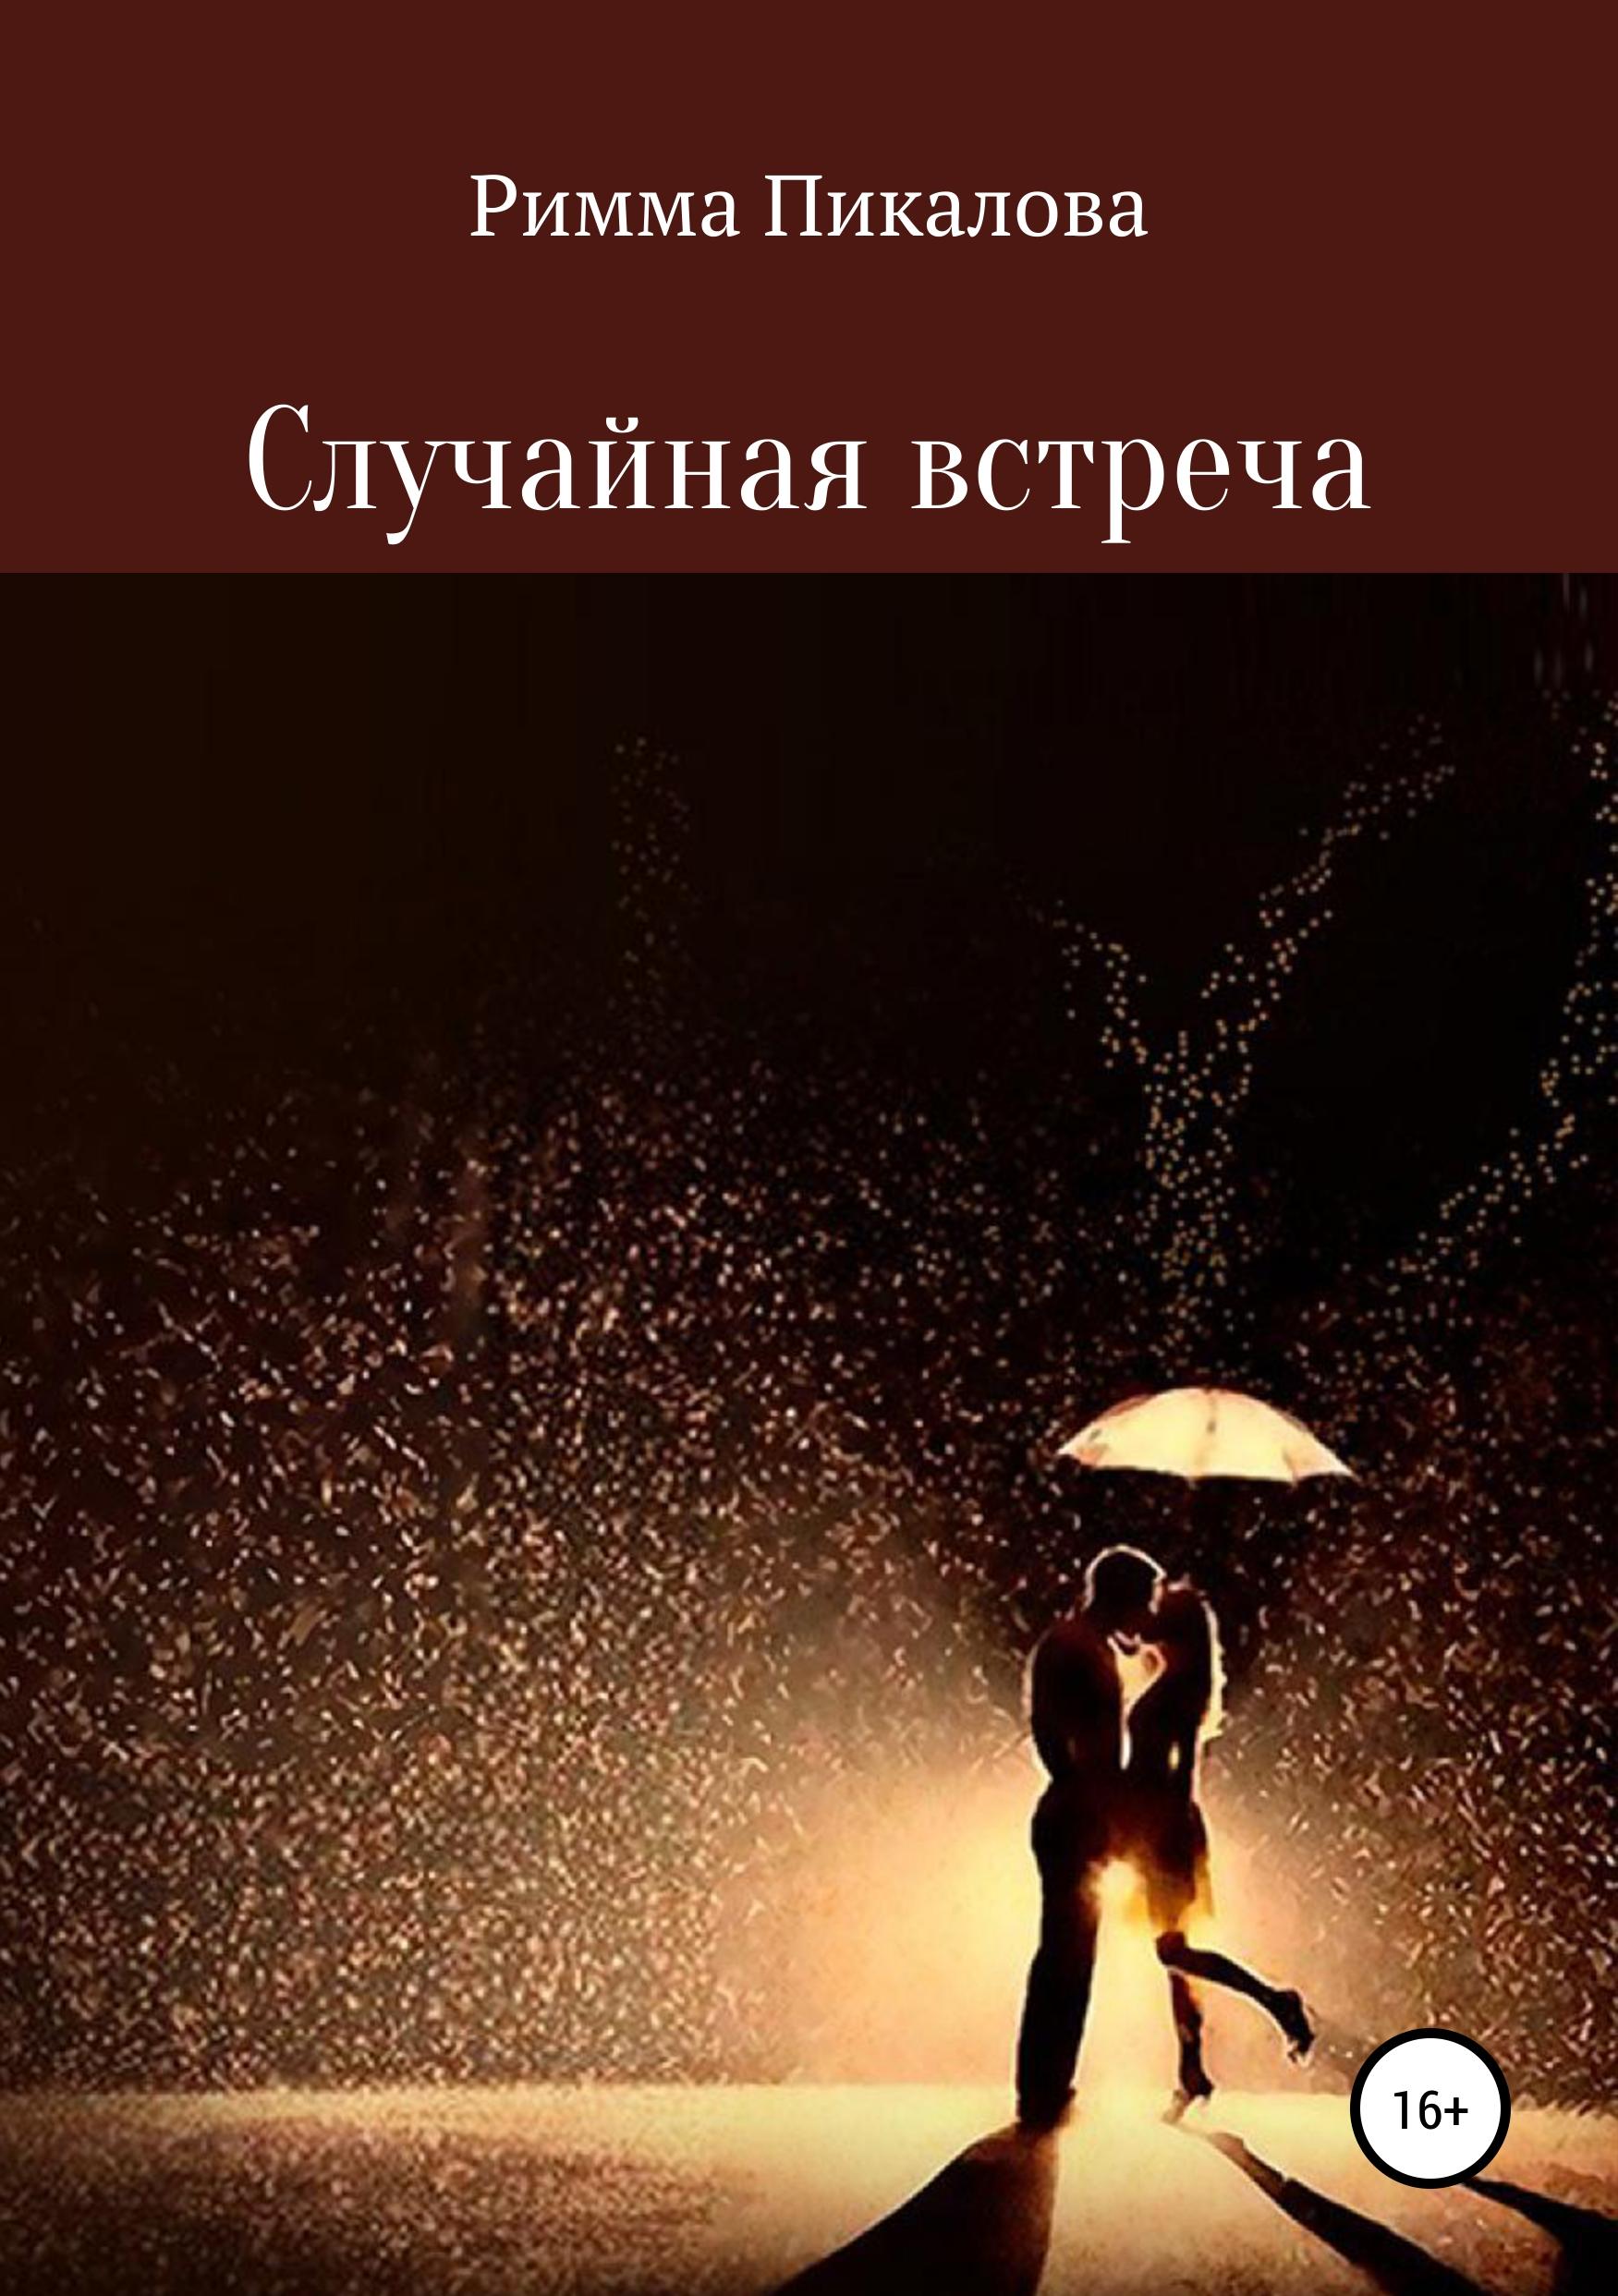 Римма Андреевна Пикалова Случайная встреча арина холина любовь как трагедия